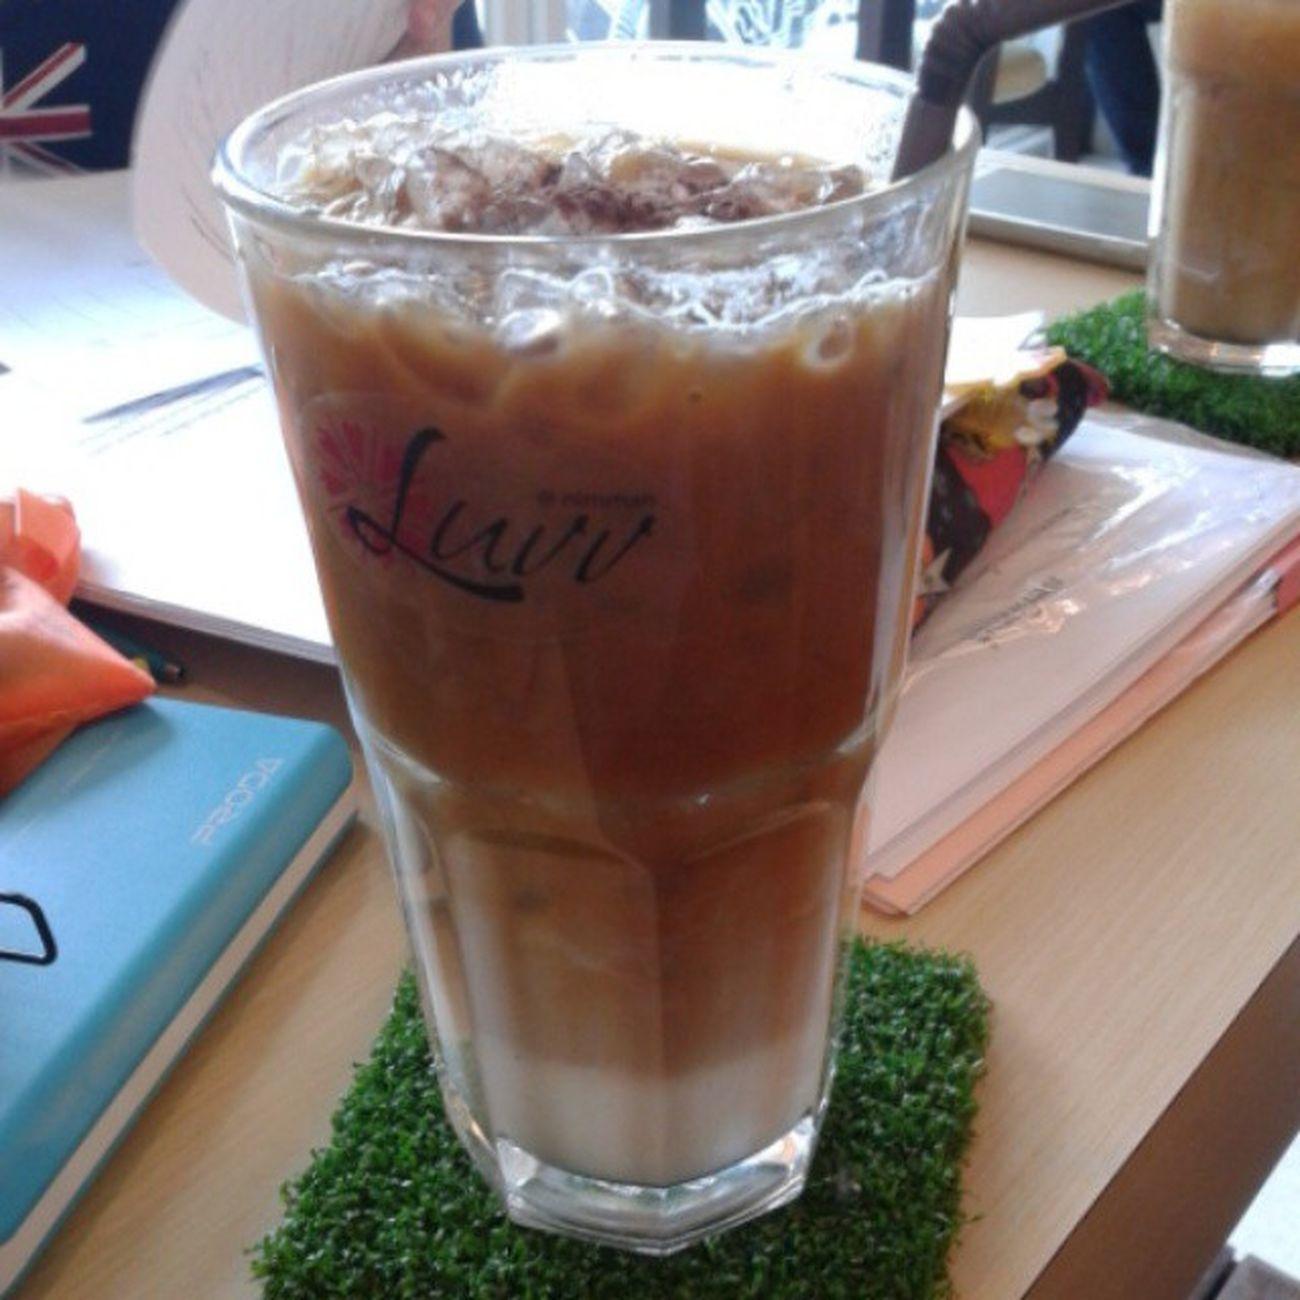 เป็นโรคภูมิแพ้ .. นอกจากจะแพ้อากาศ // แพ้ฝุ่น .. ยังแพ้กาแฟ ' เห็นกาแฟทีไรใจอ่อนทุกที ☕ Coffee Coffeemania Espresso